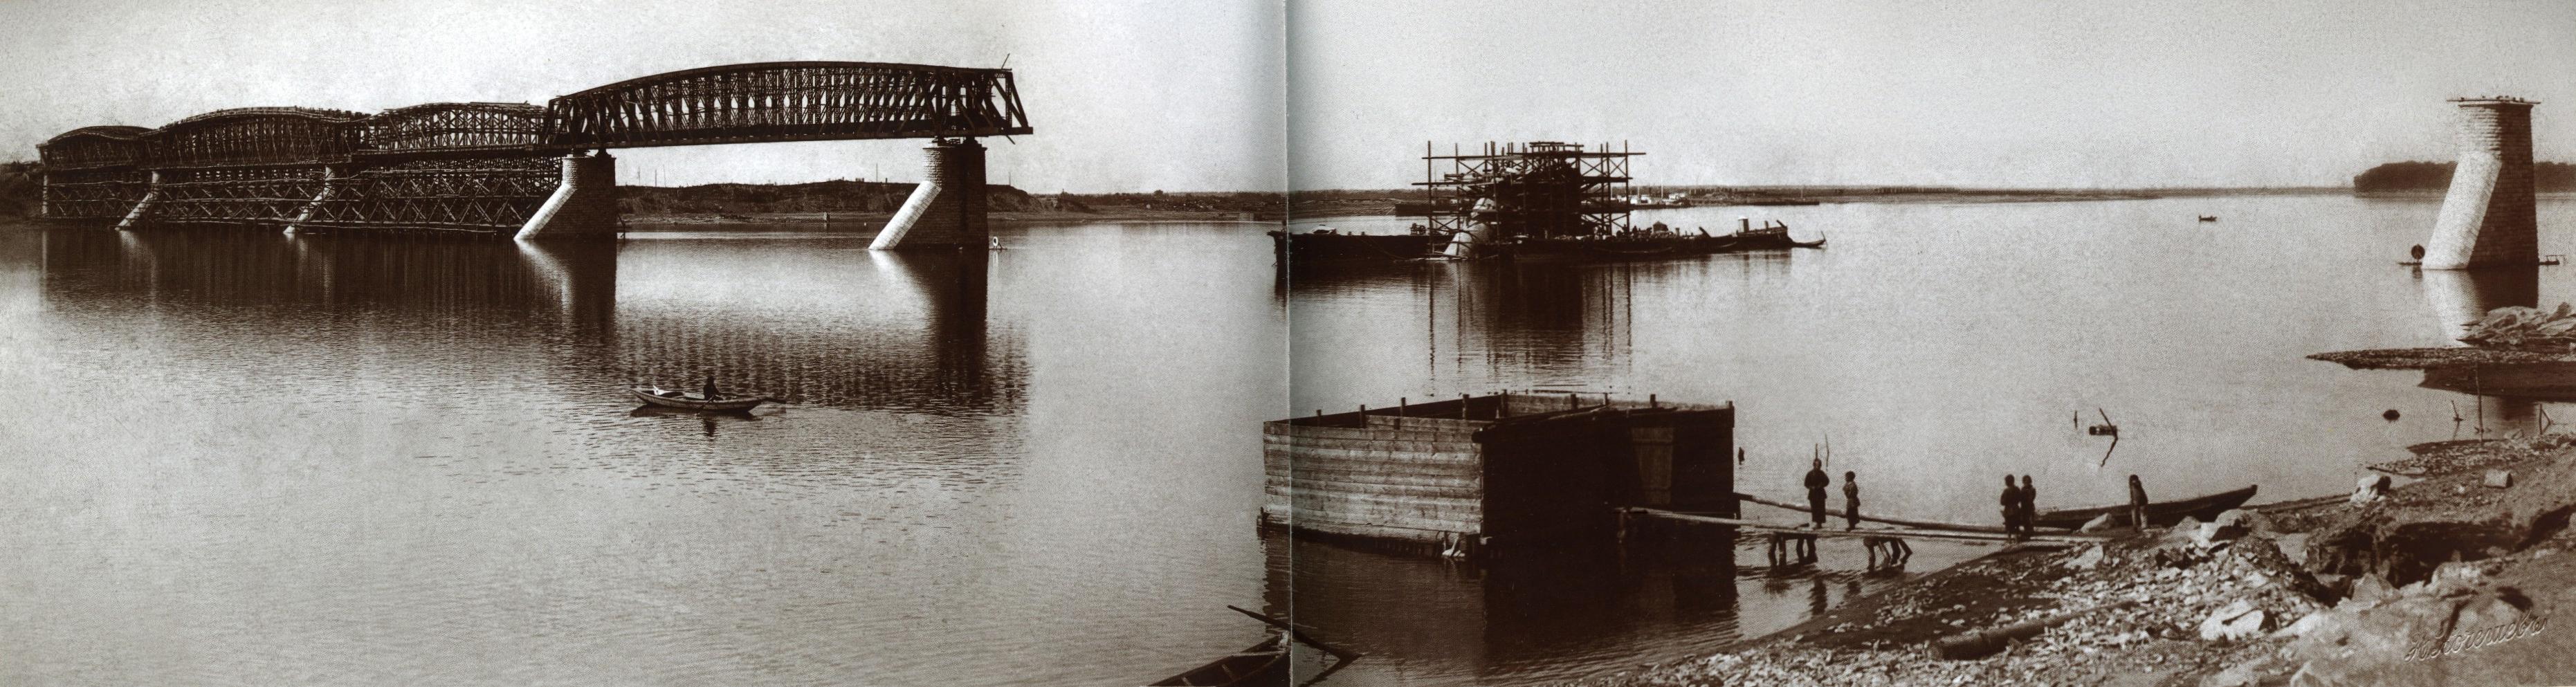 Александровский. Вид с правого берега на строительство железнодорожного моста. 1895